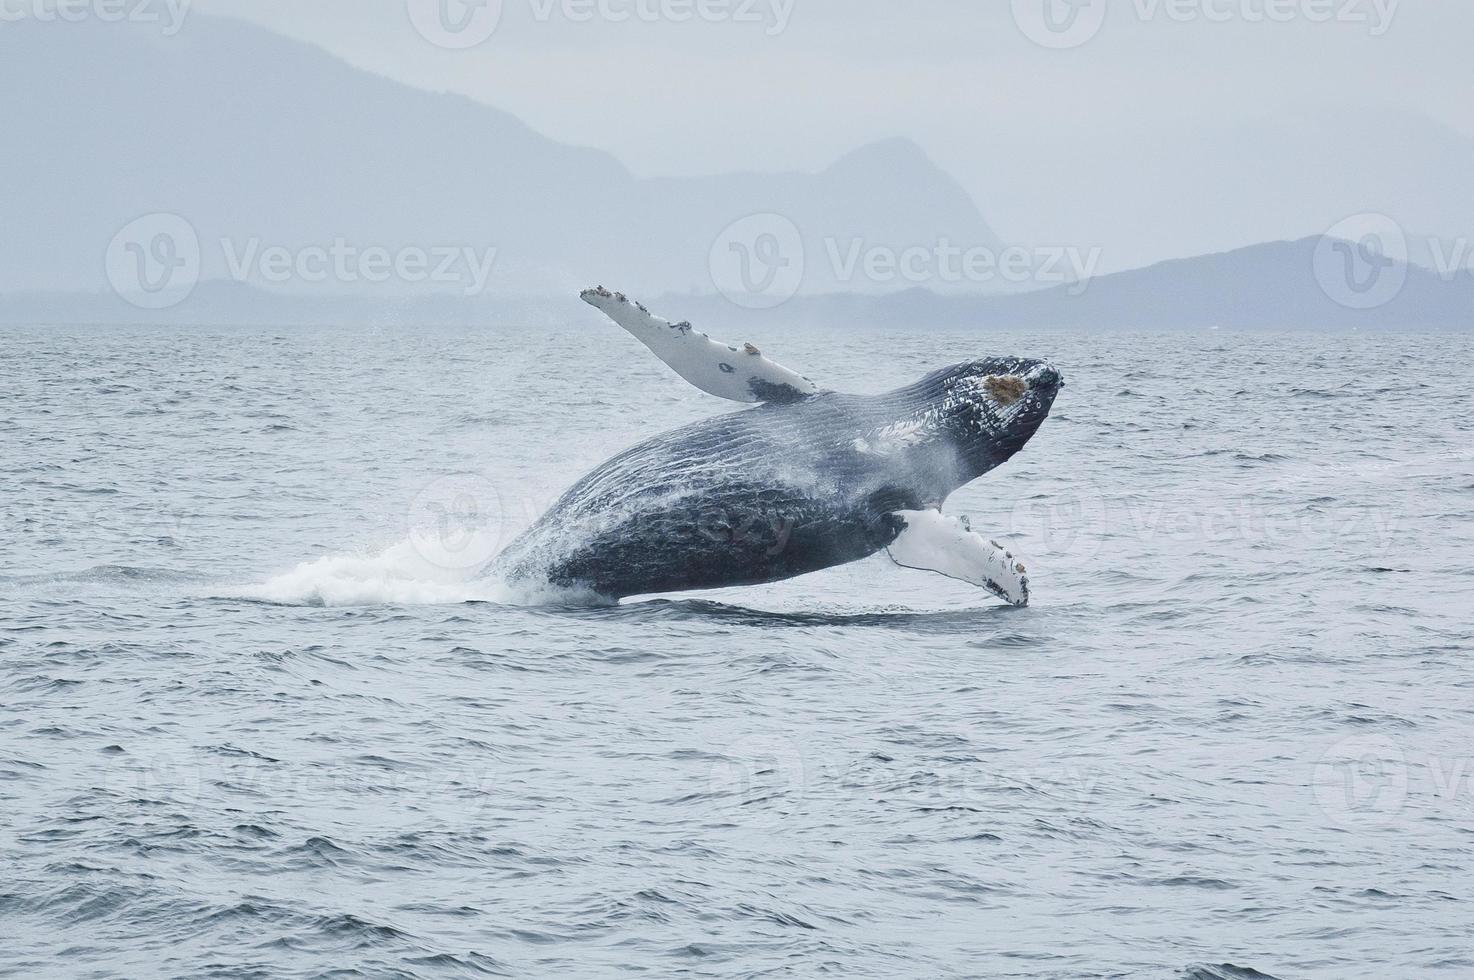 Incumplimiento de la ballena jorobada cerca de Tofino, la isla de Vancouver, BC, Canadá. foto